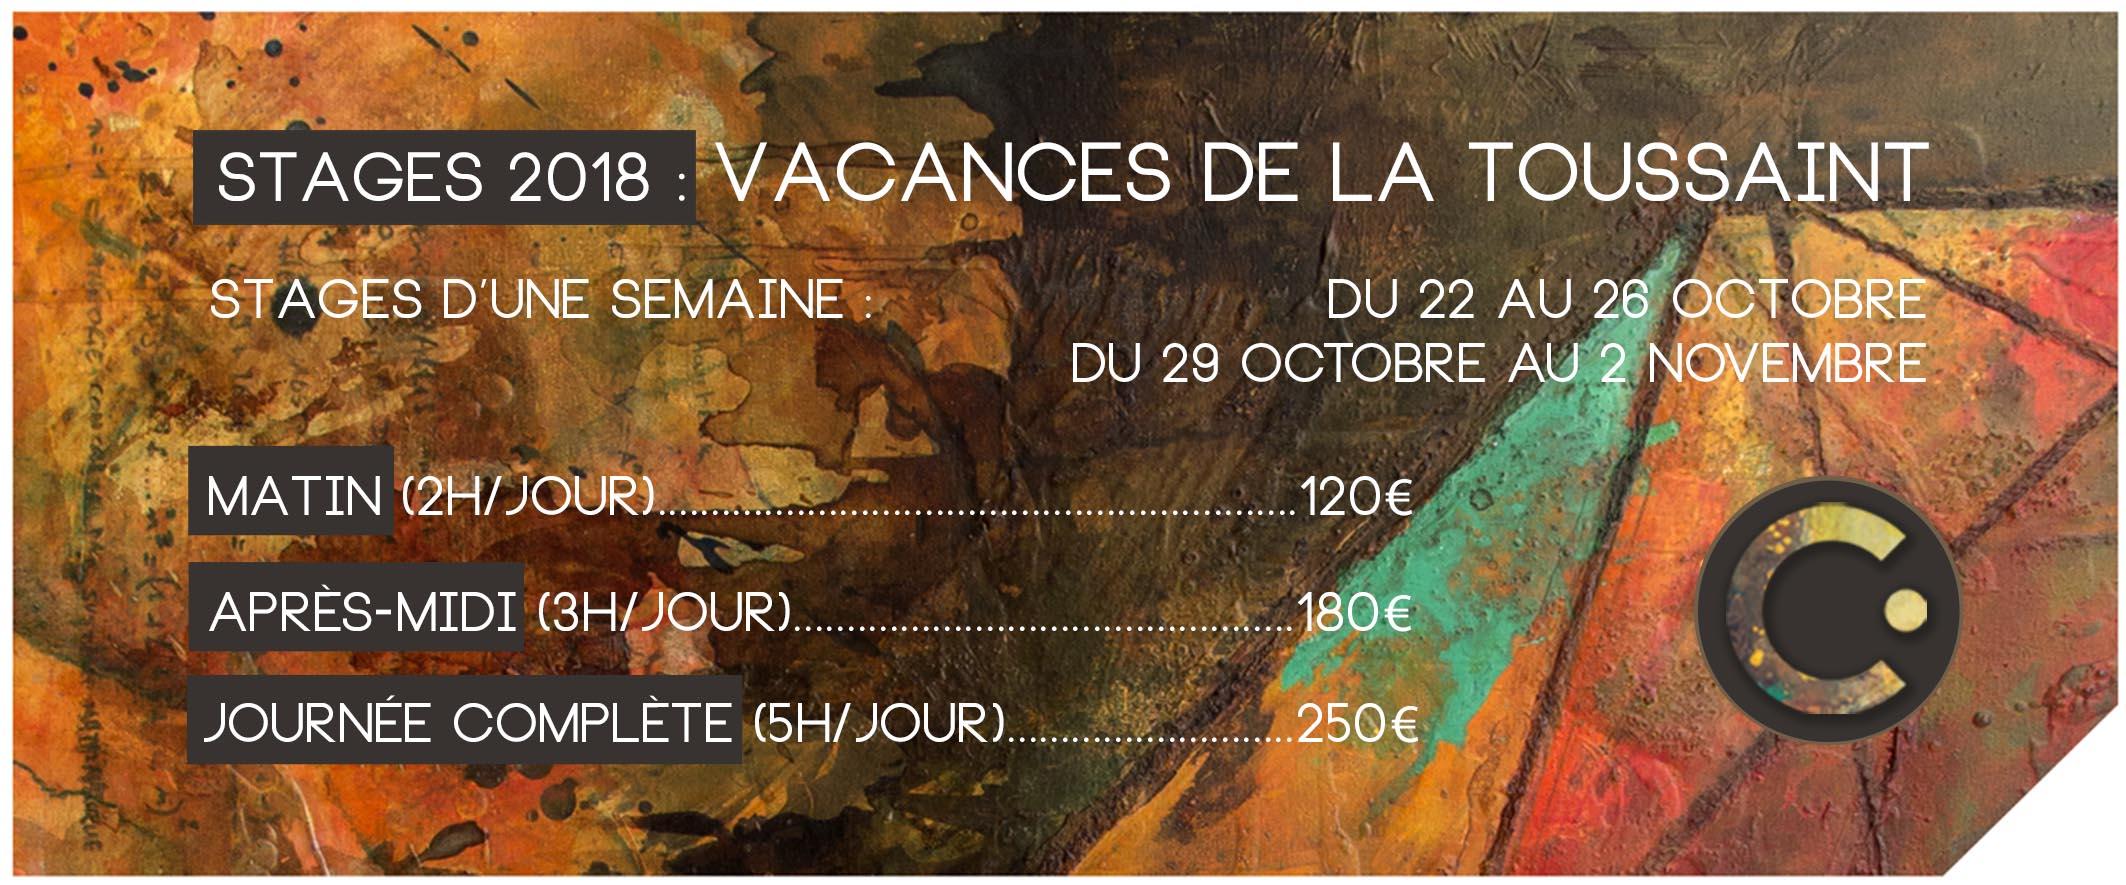 Stages vacances de la Toussaint 2018